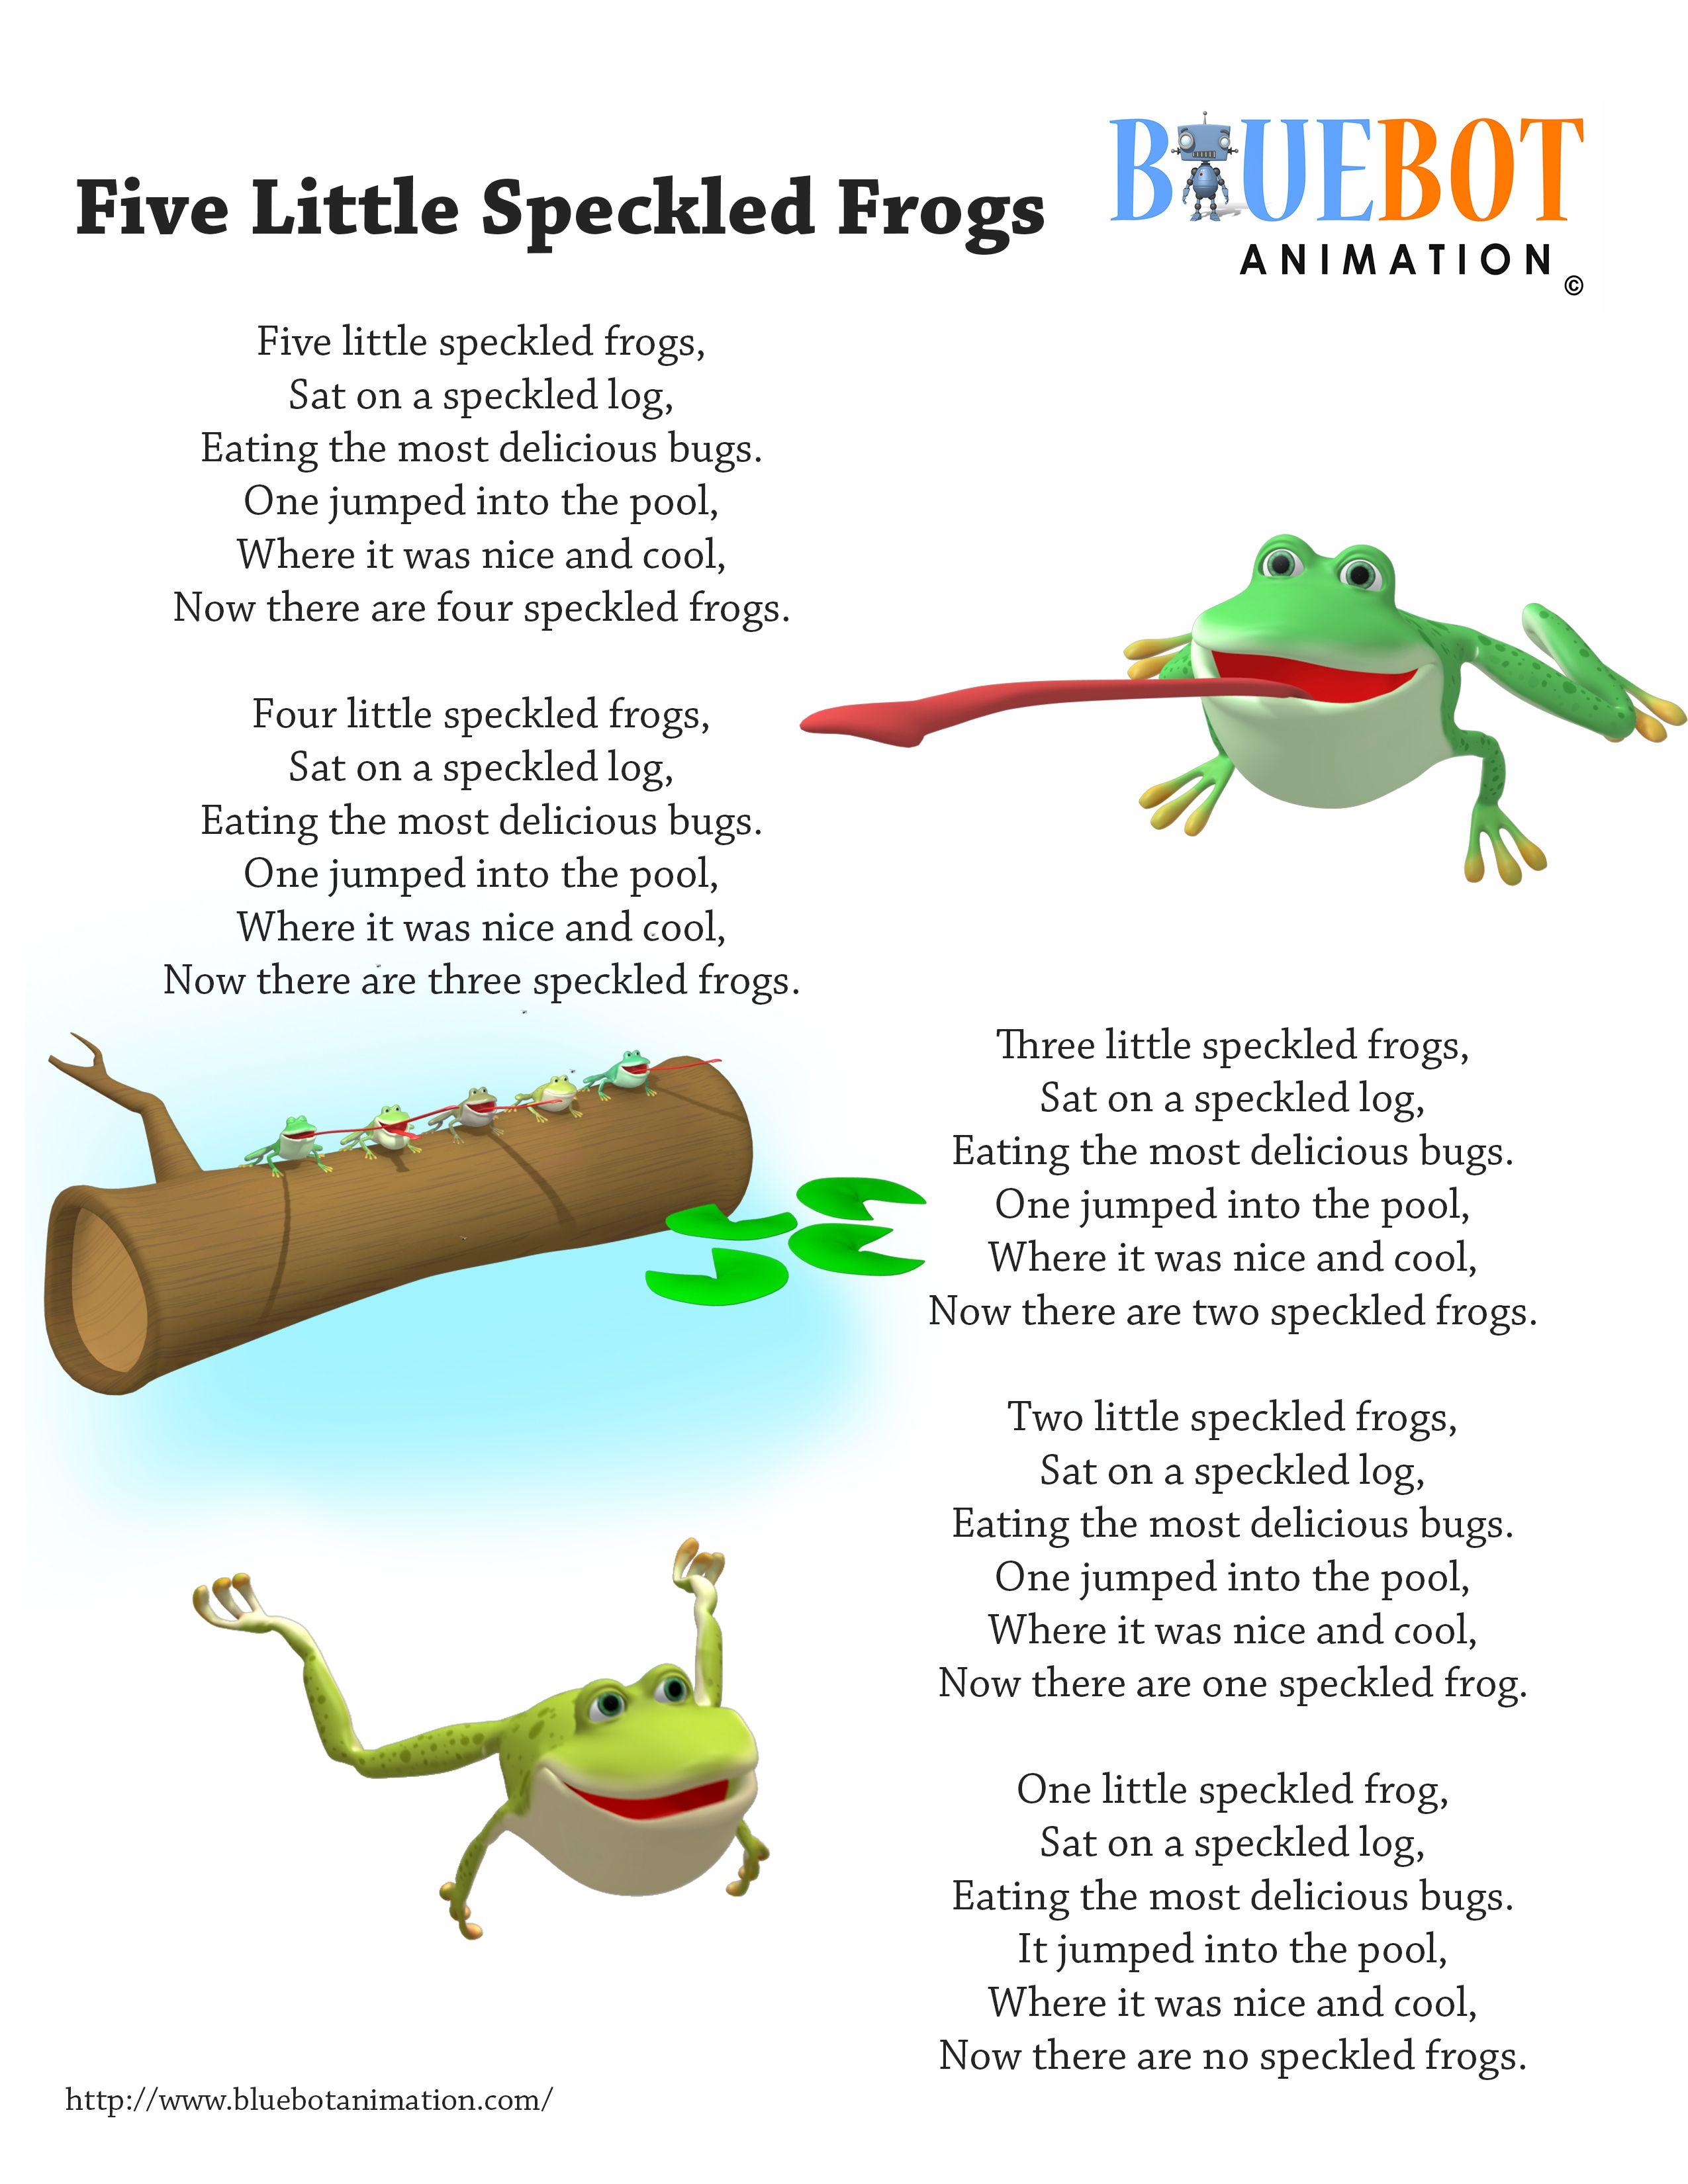 5 Little Speckled Frog Nursery Rhyme Lyrics Free Printable Nursery Rhyme Lyrics Page Five Little Speckled Frog Kids Poems Nursery Songs Nursery Rhymes Lyrics